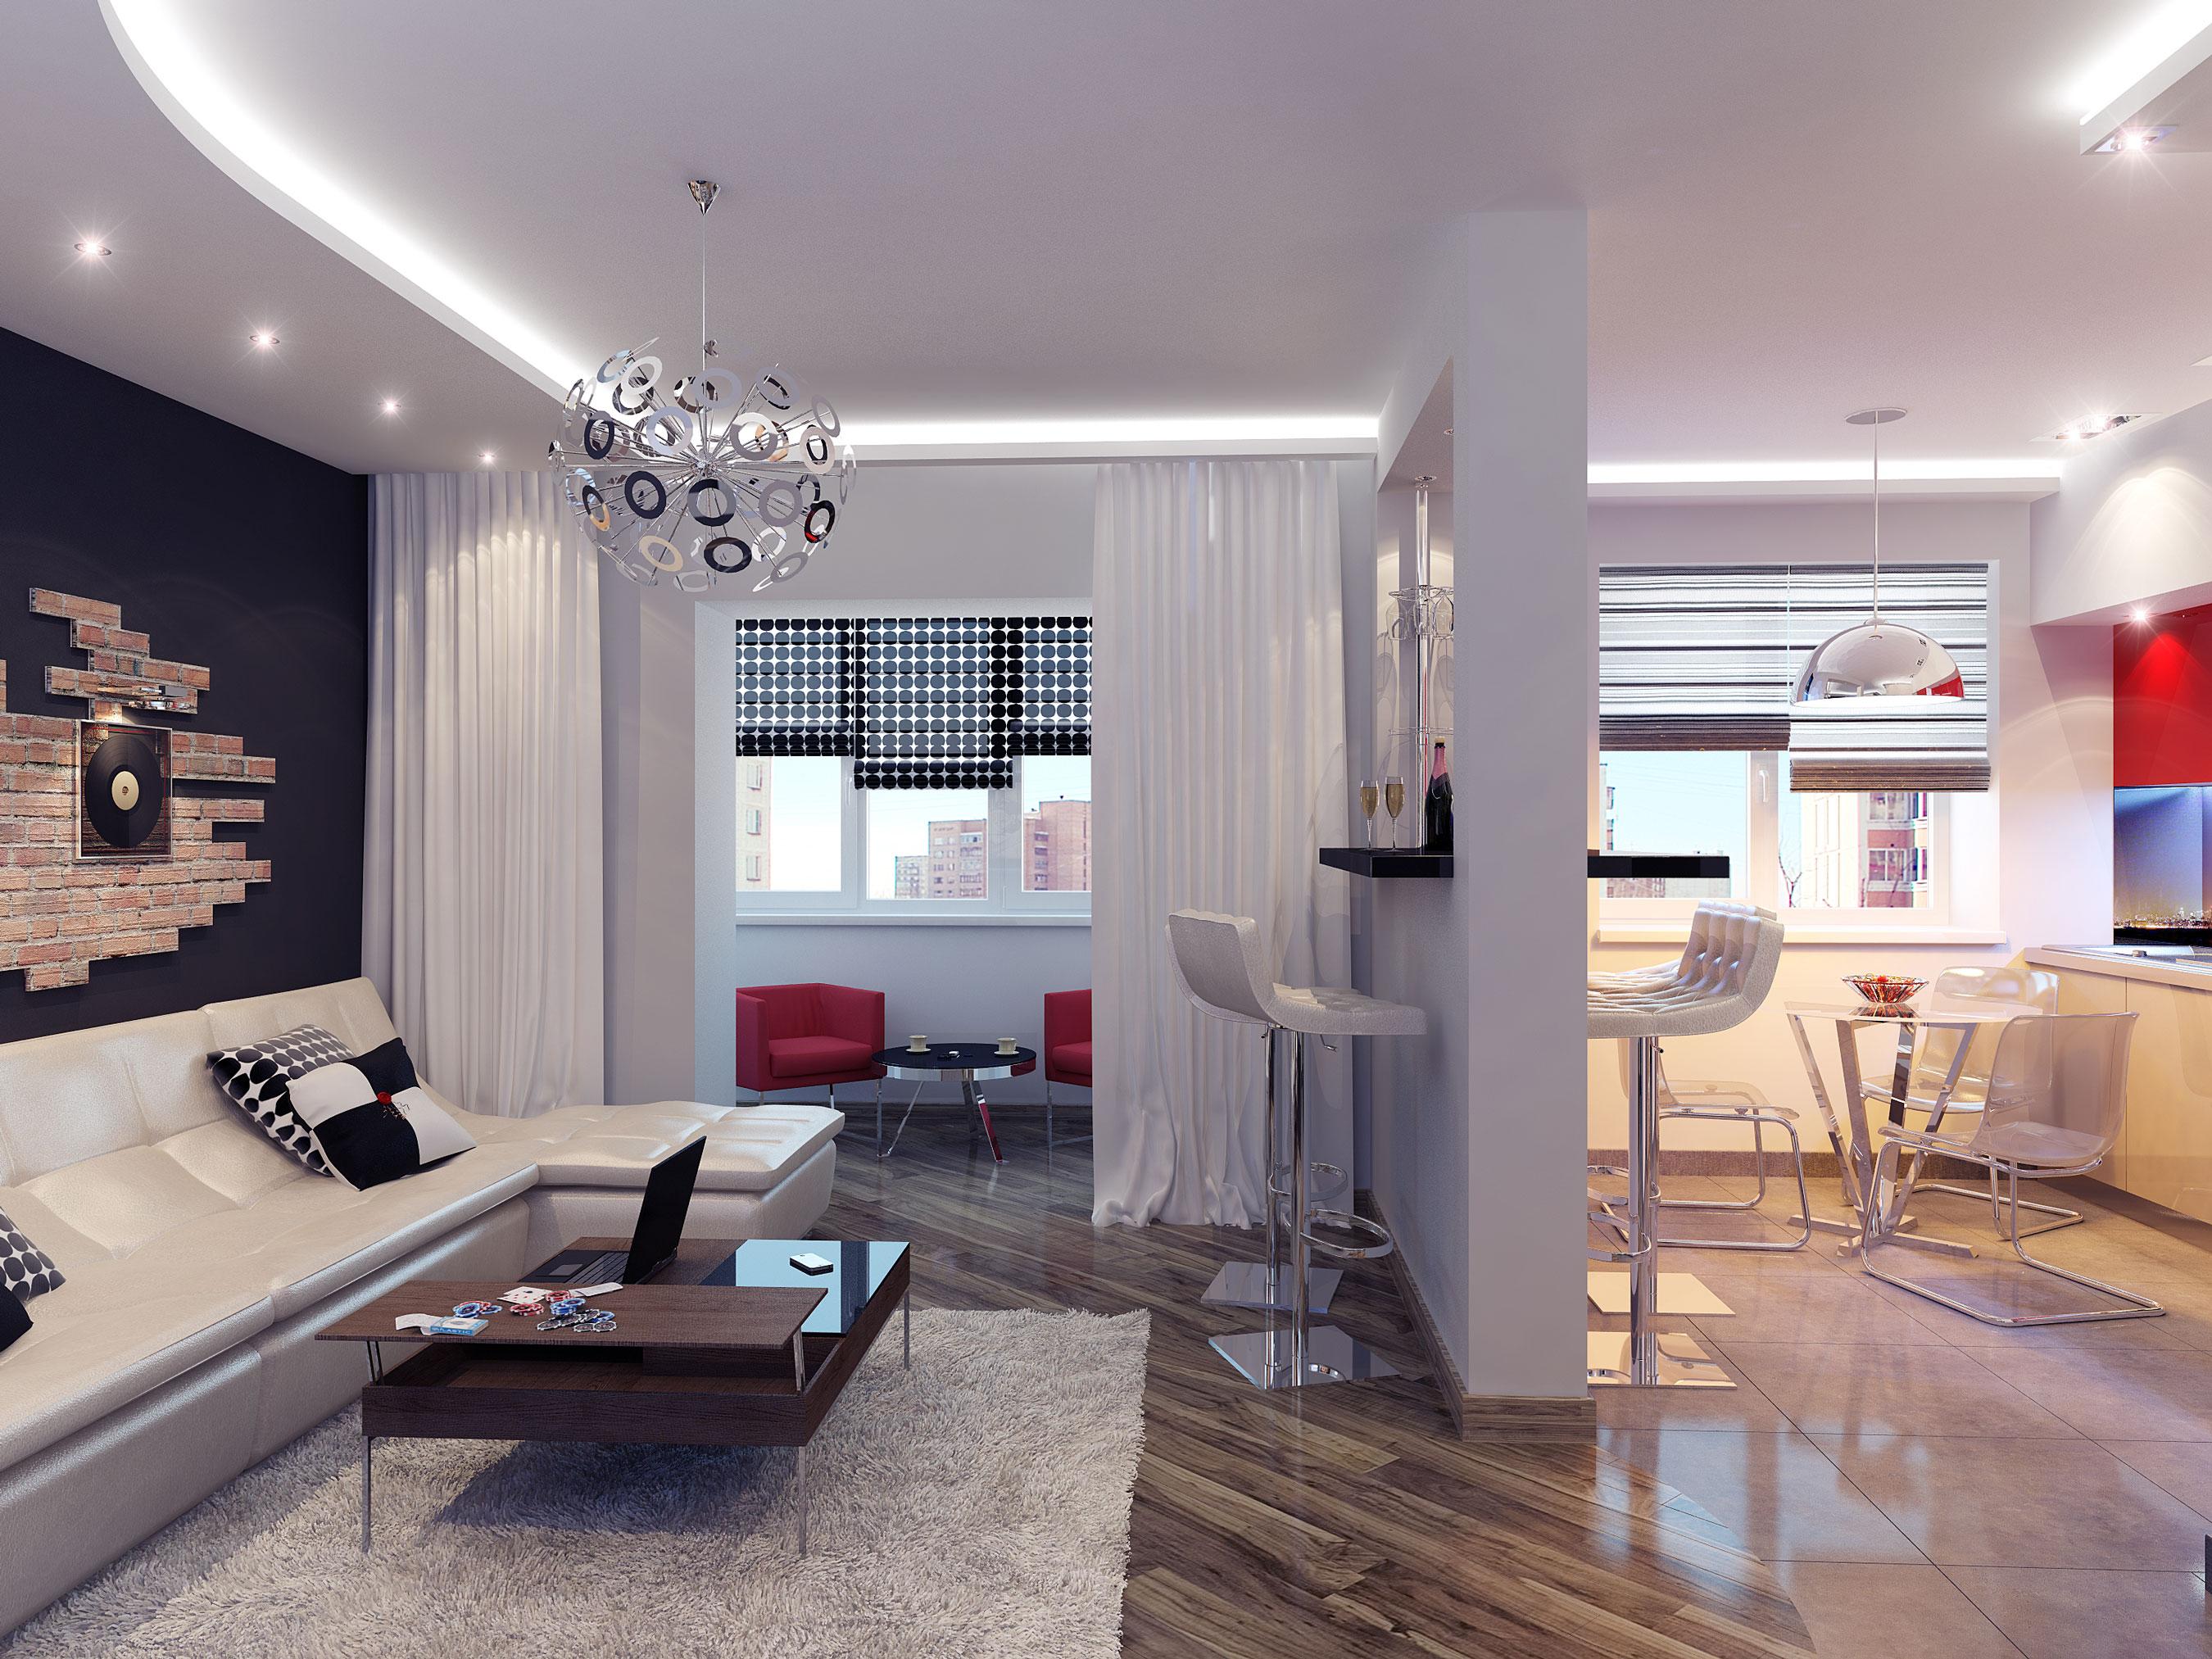 Ремонт однокомнатной квартиры 40 кв.м в новостройке фото своими руками